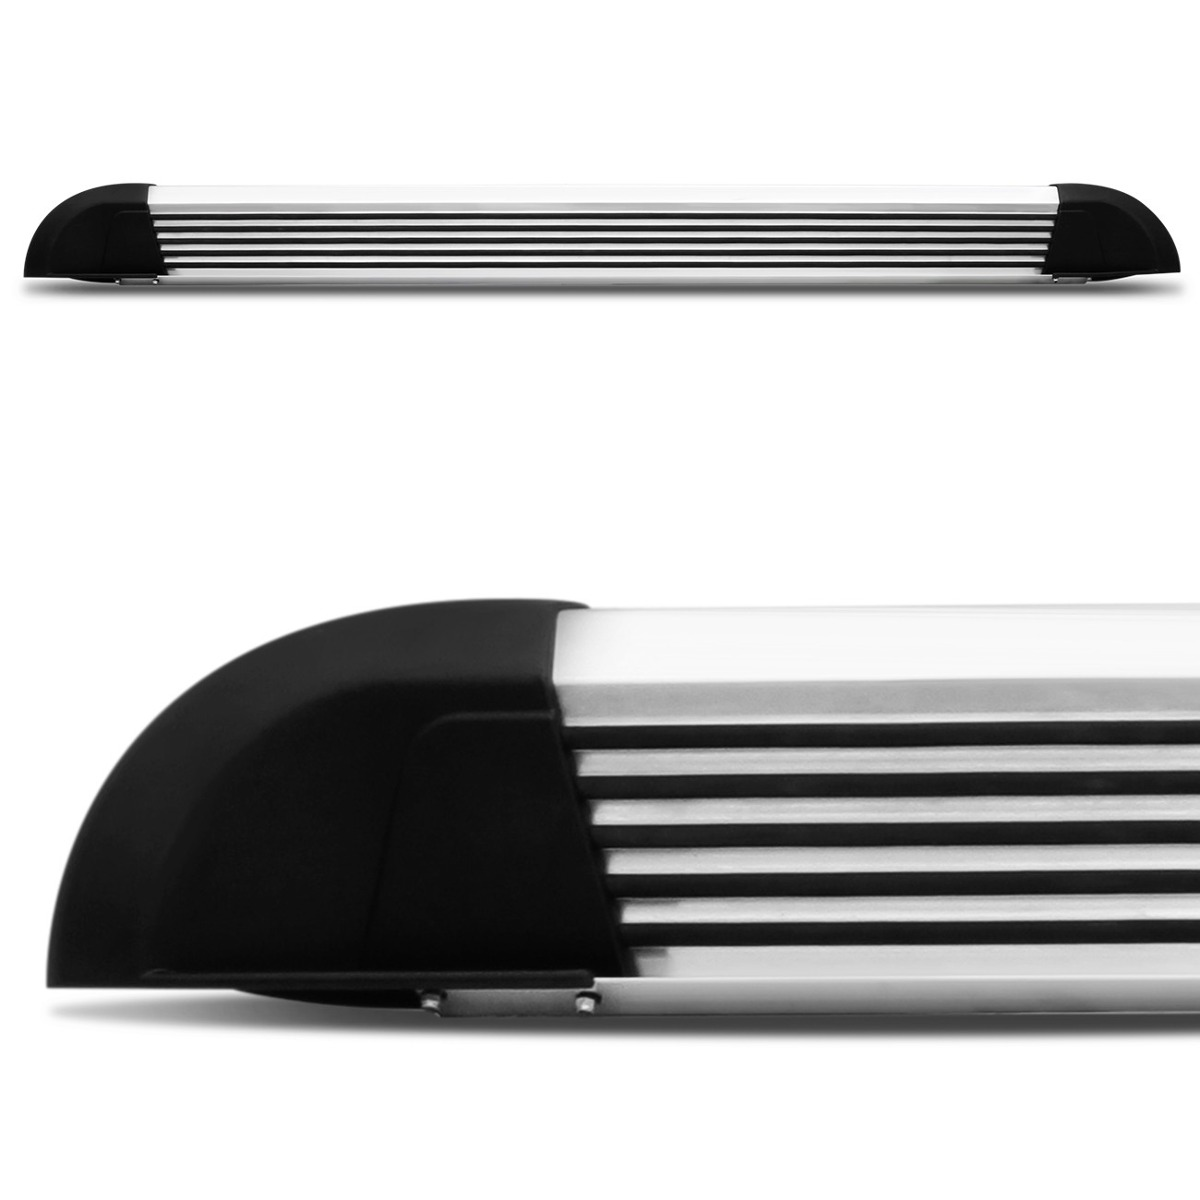 Estribo de alumínio s10 cabine dupla até 2011 - bepo  - TERRA DE ASFALTO ACESSÓRIOS